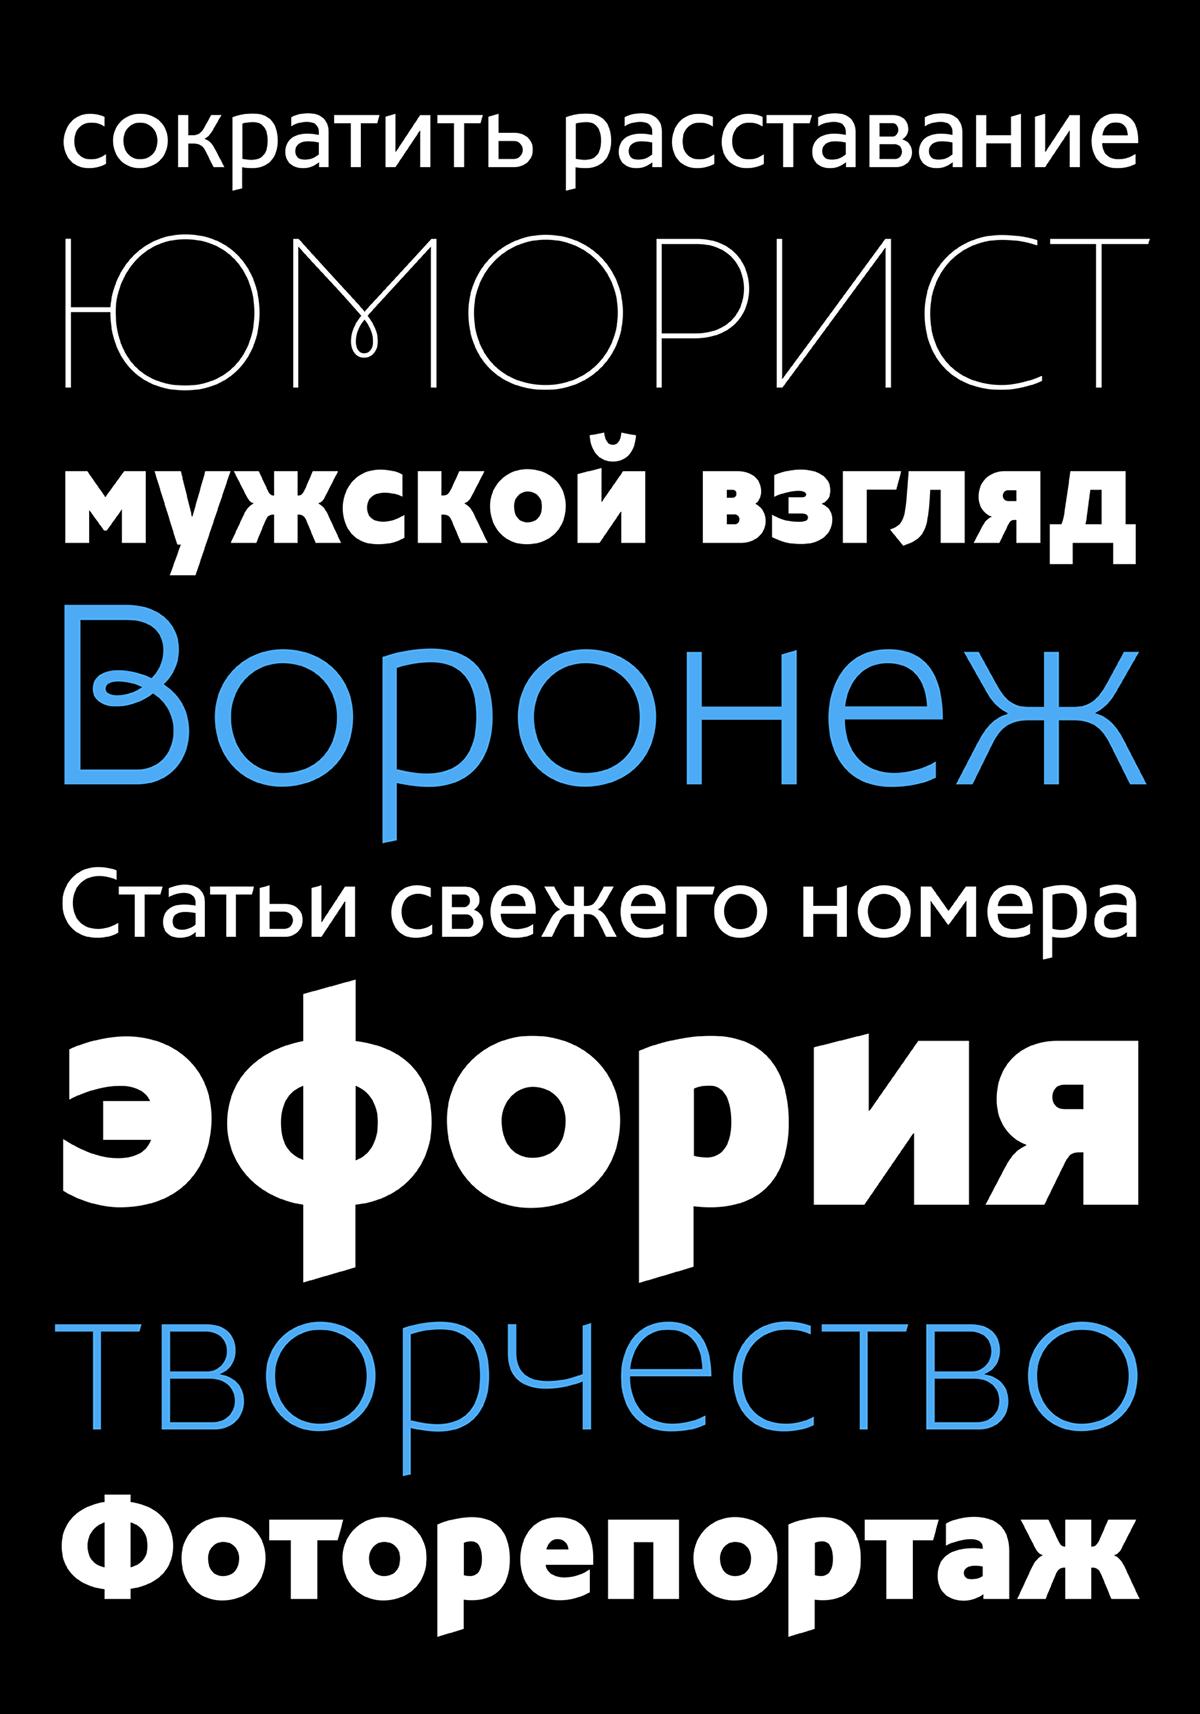 parachutefonts Panos Vassiliou Brummell distinctively simple Typeface sans multiscript organic proportions sharp geometrics font